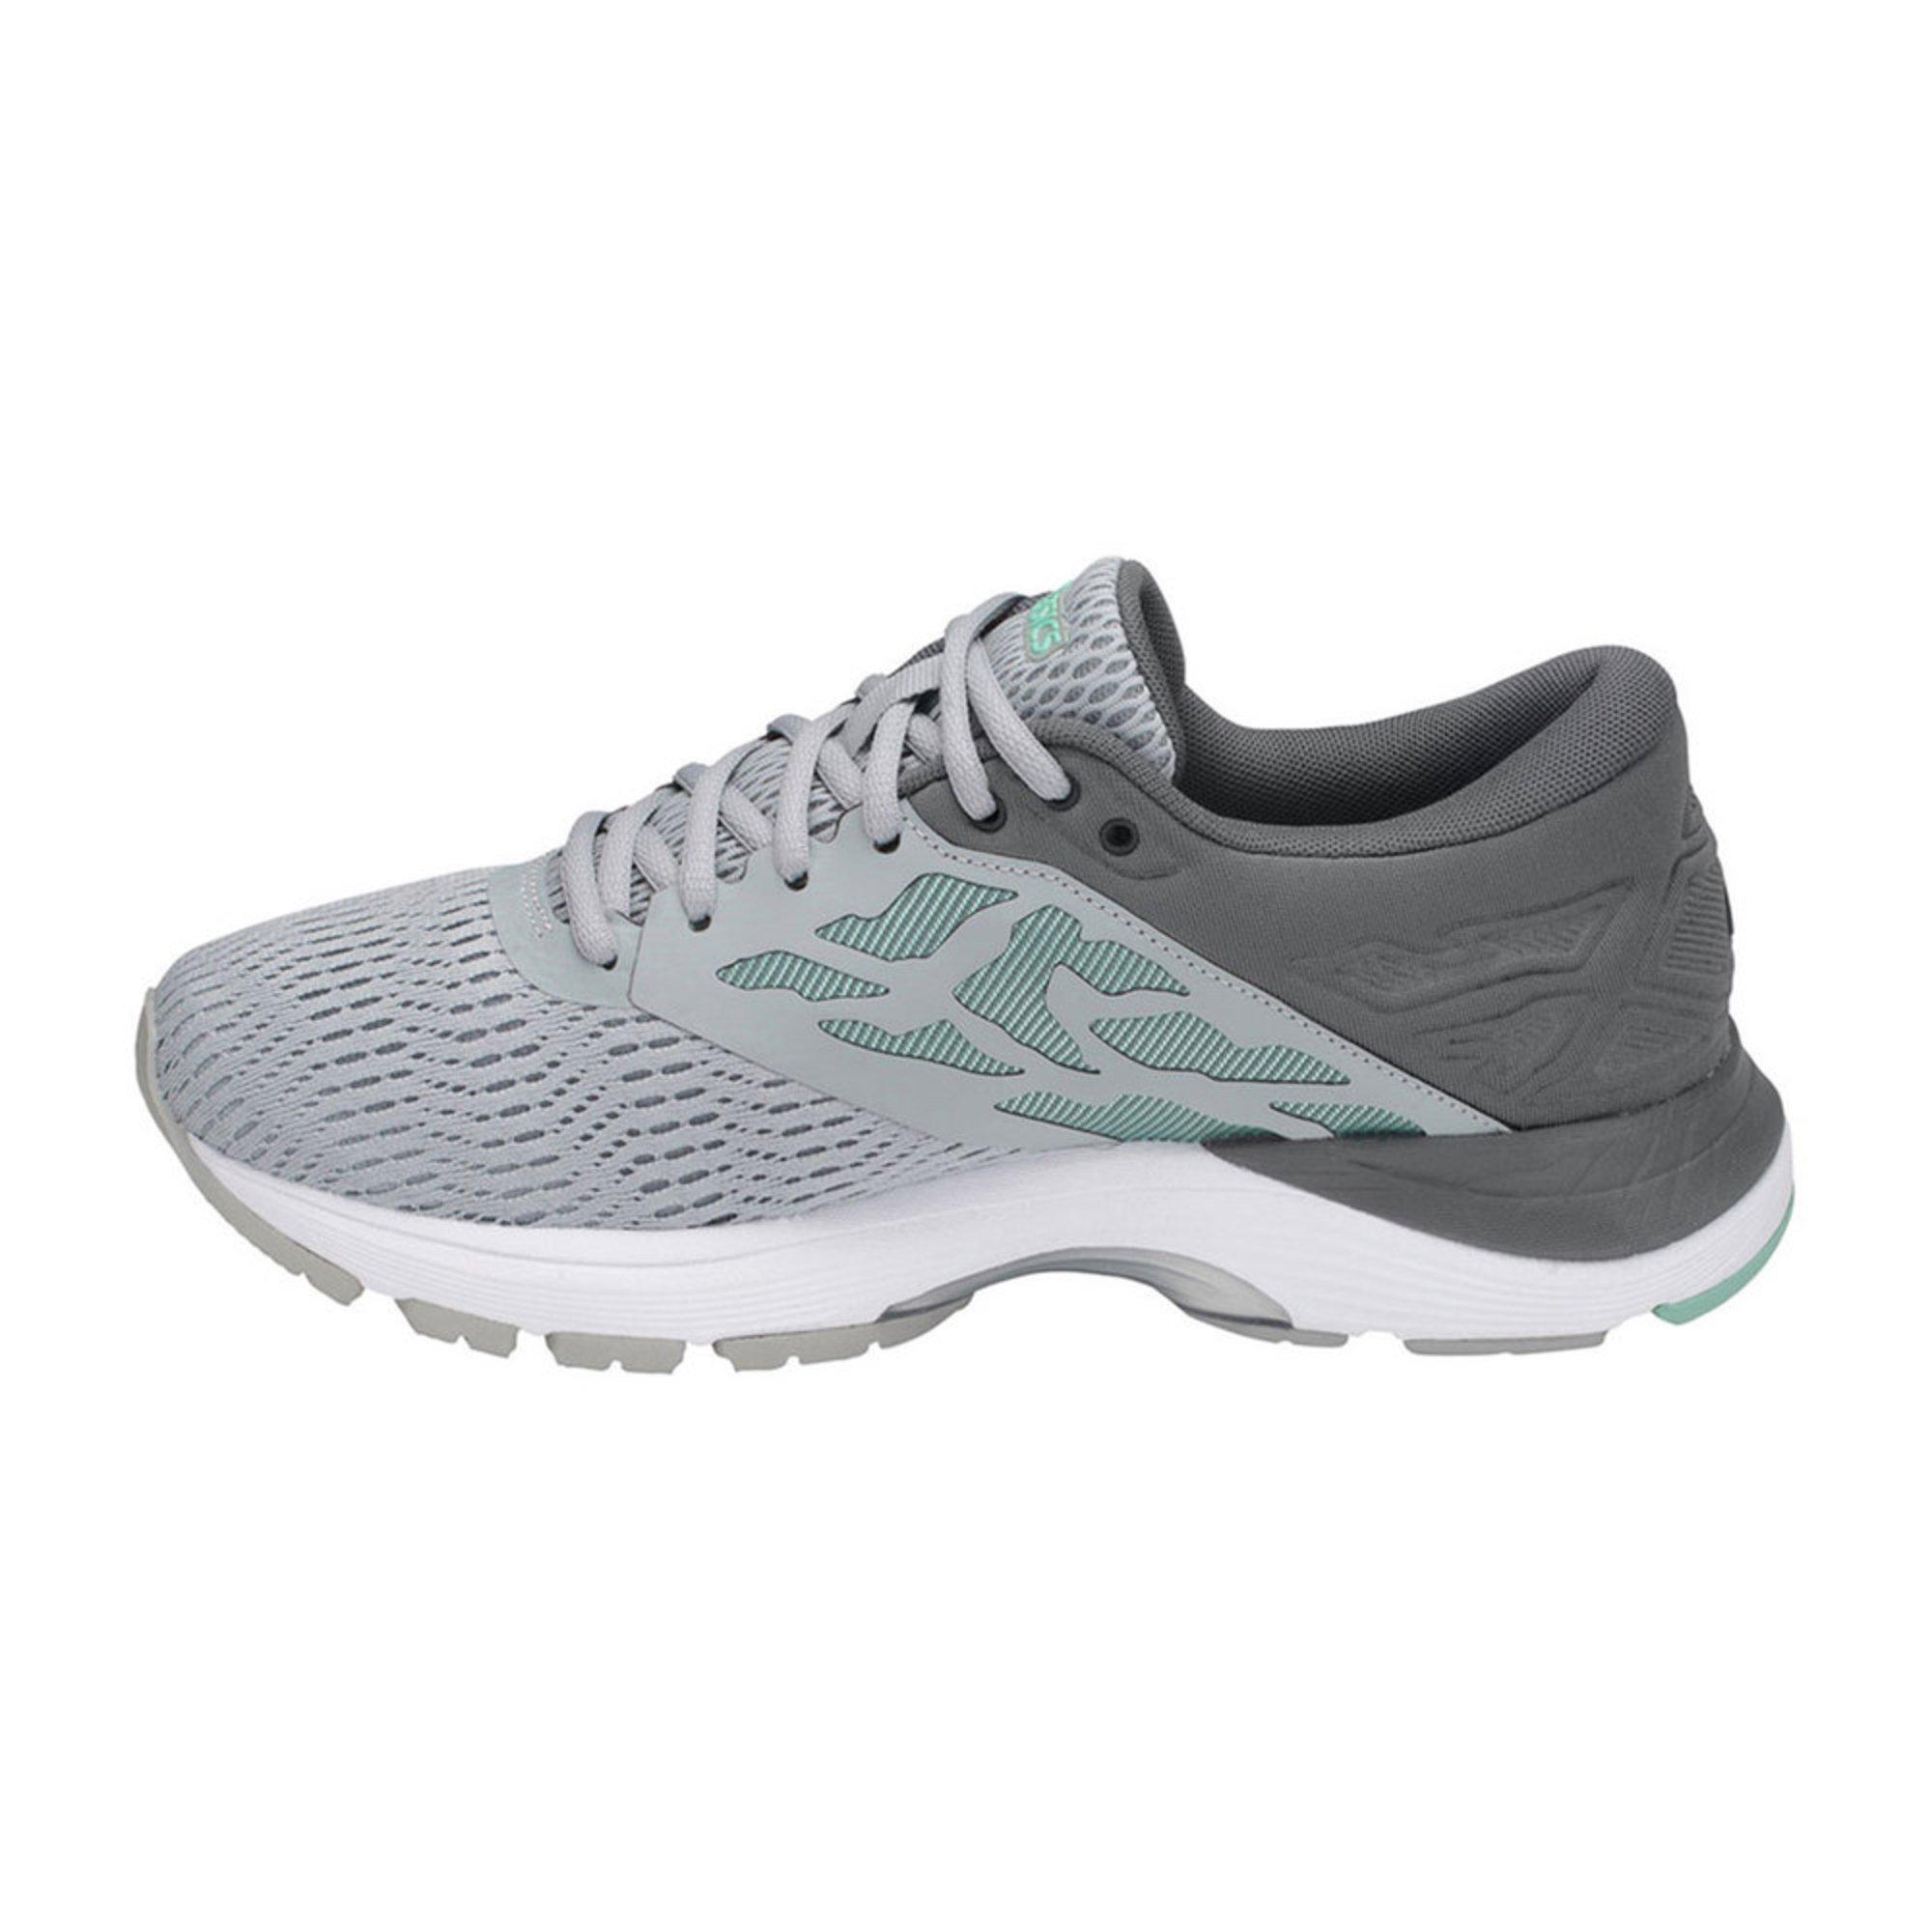 Chaussure Flux de course Asics Gel Moyen Flux 11155 5 pour Femme Gris Moyen/ Blanc/ Opale 65d0b8e - coconutrecipe.info